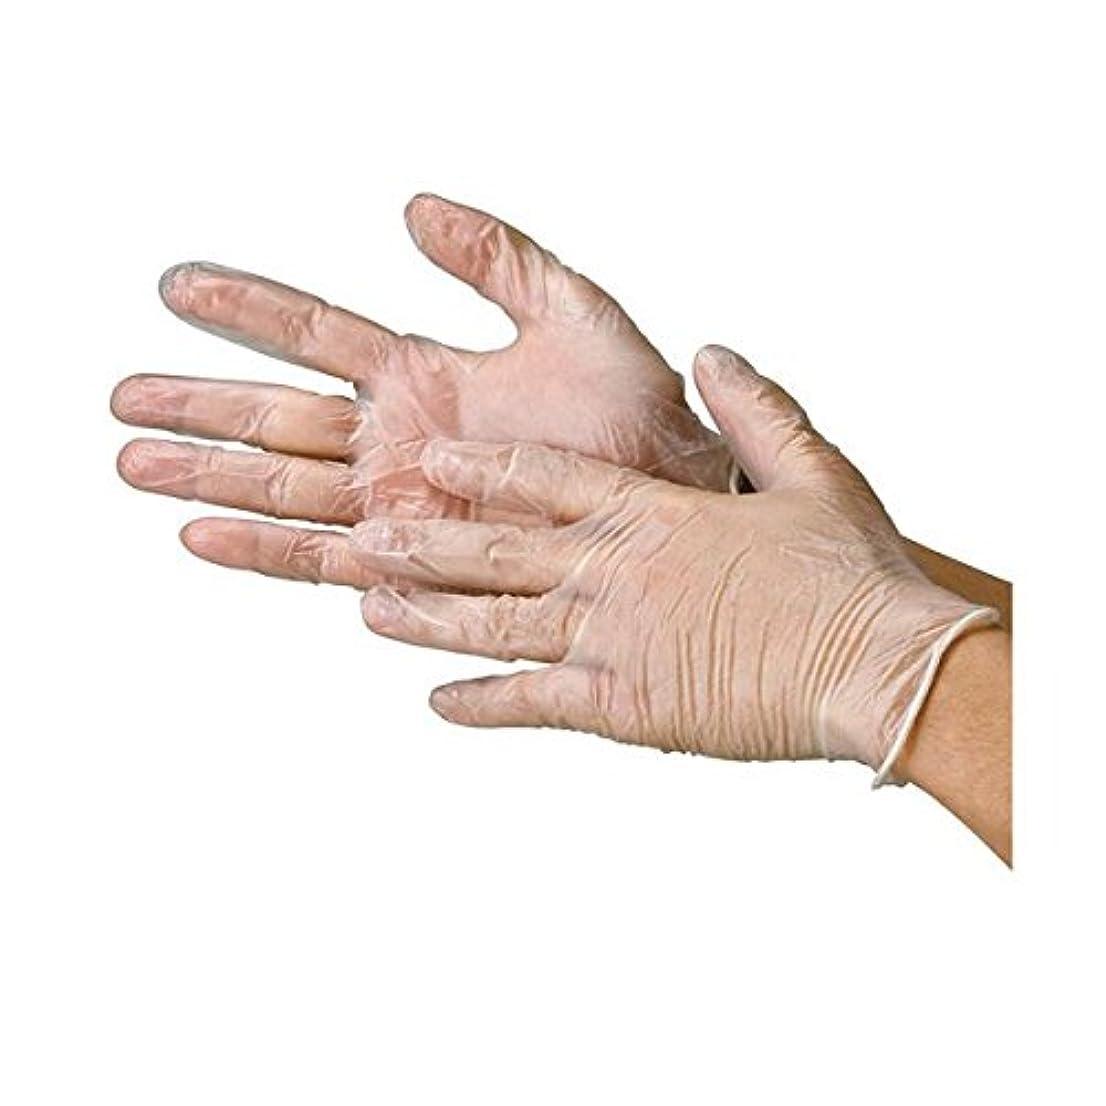 ダース怠な意欲川西工業 ビニール極薄手袋 粉なし S 20箱 ds-1915776